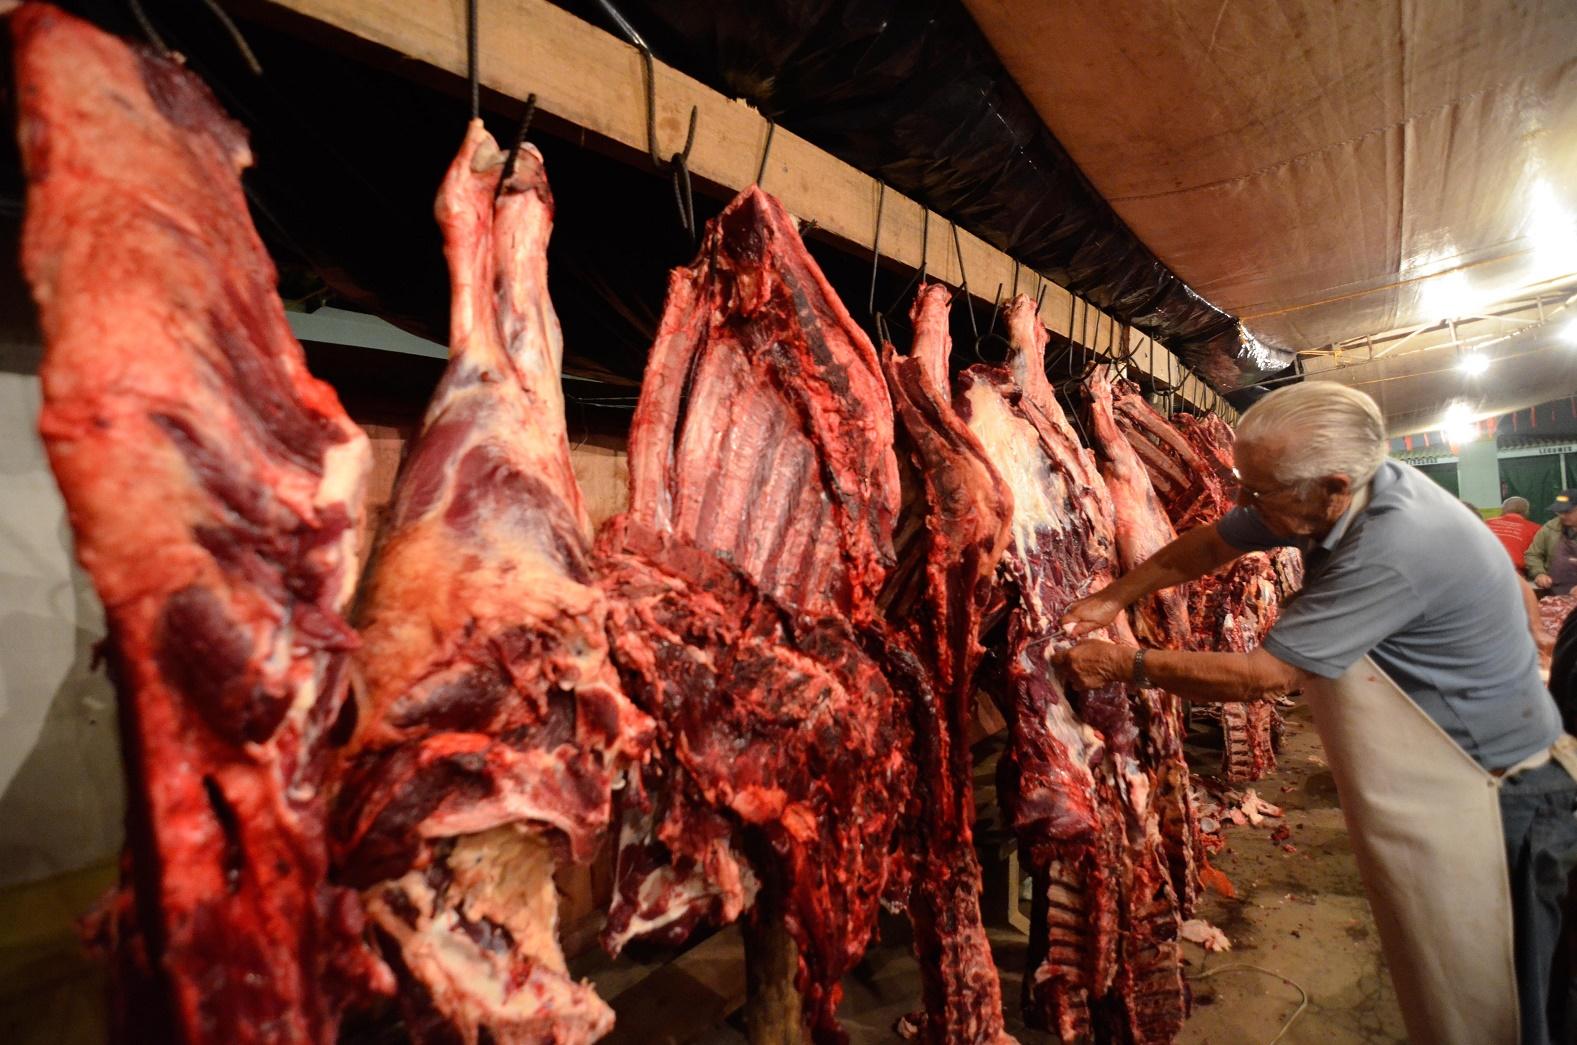 Açougueiro corta um pedaço de carne durante o Festival do Divino, no interior de São Paulo. Foto Levi Bianco/Brazil Photo Press